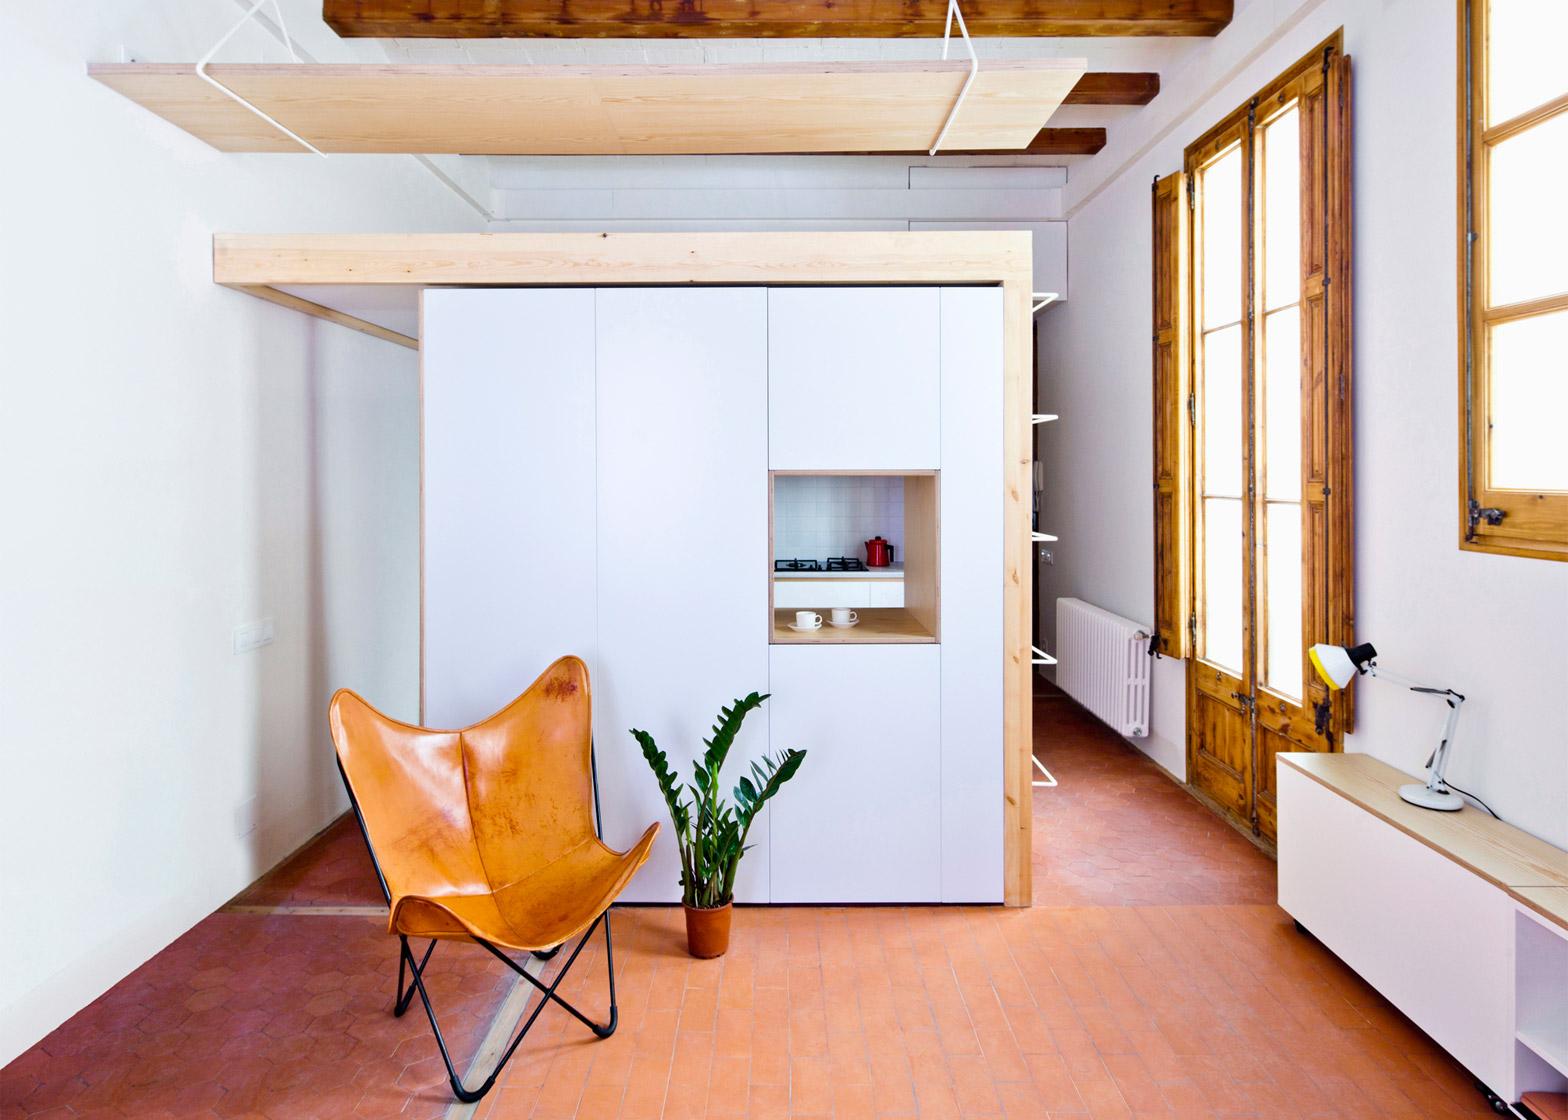 Apartment refurbishment in Gran Via, Barcelona by Anna & Eugeni Bach